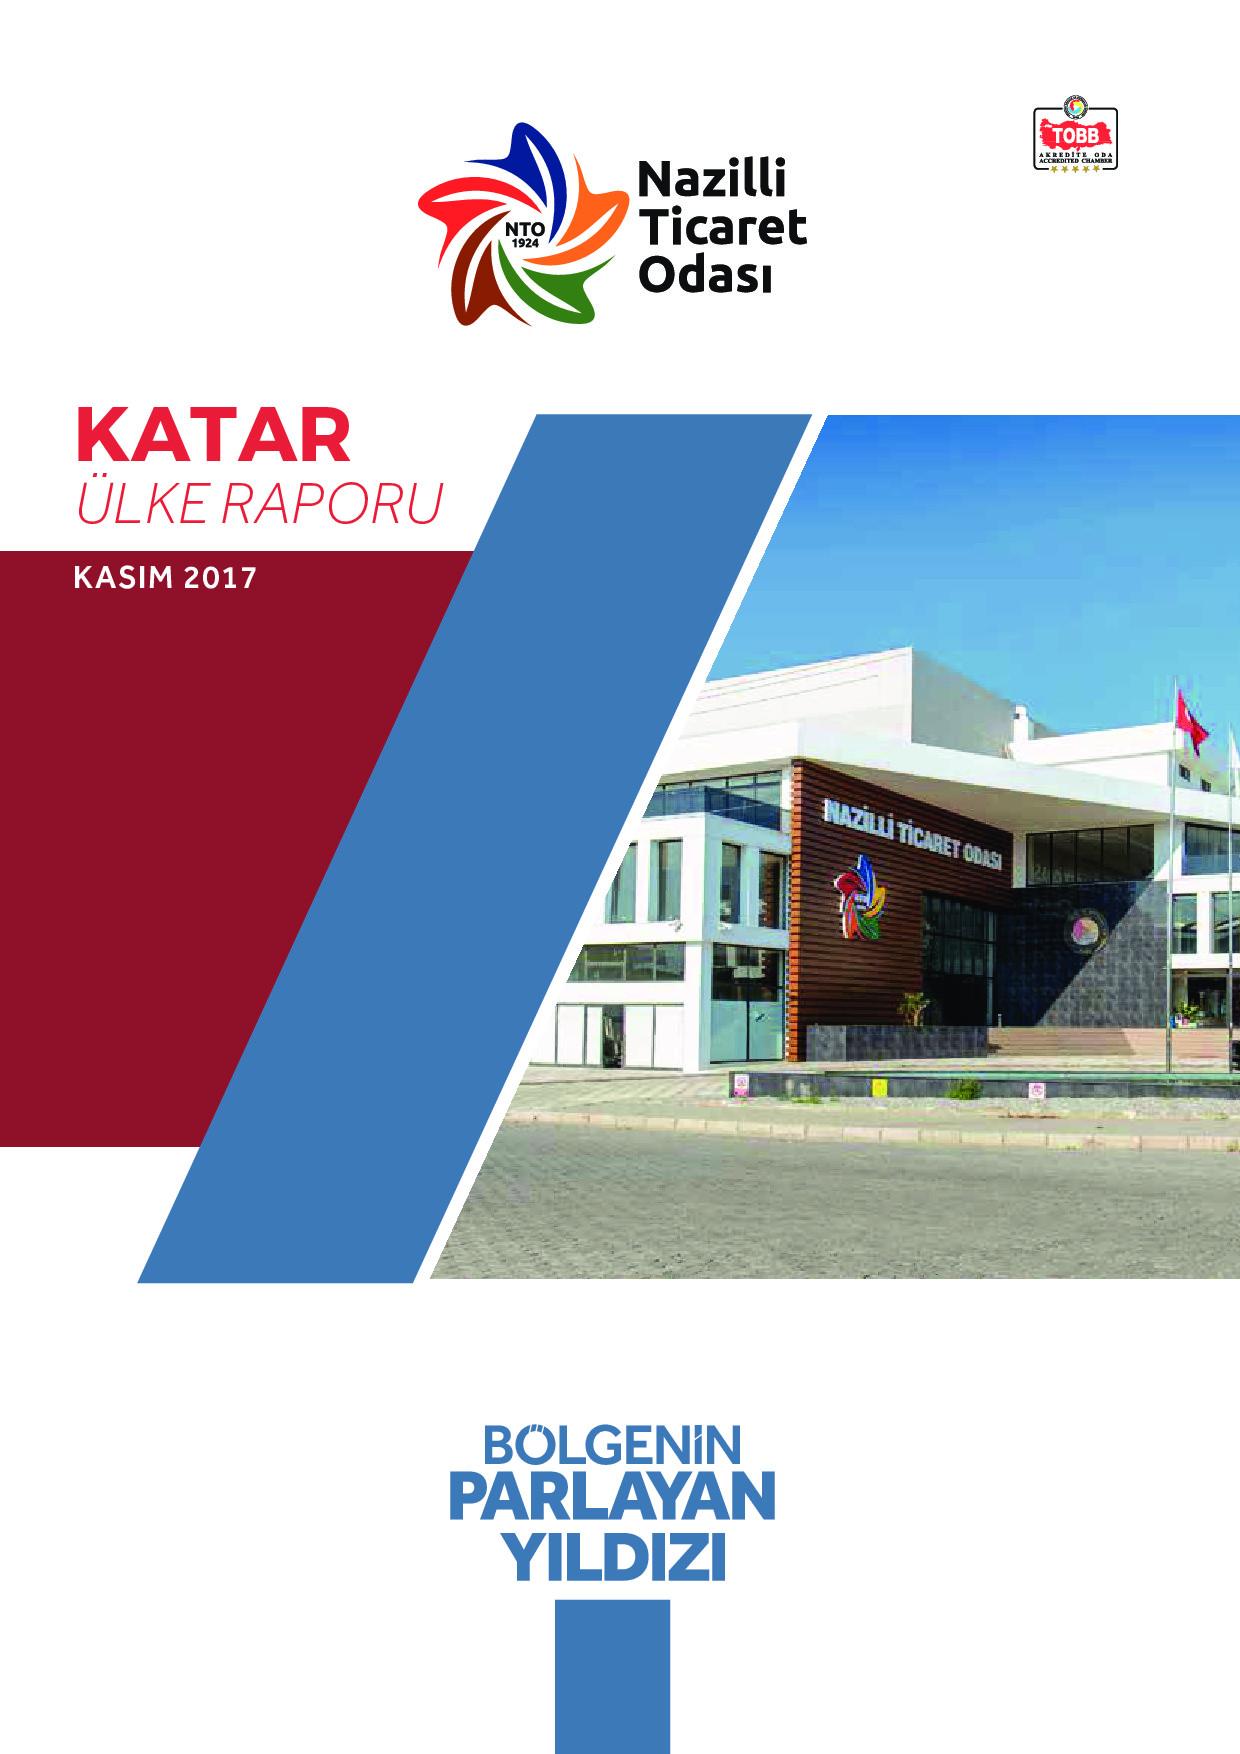 katar-ulke-raporu_001